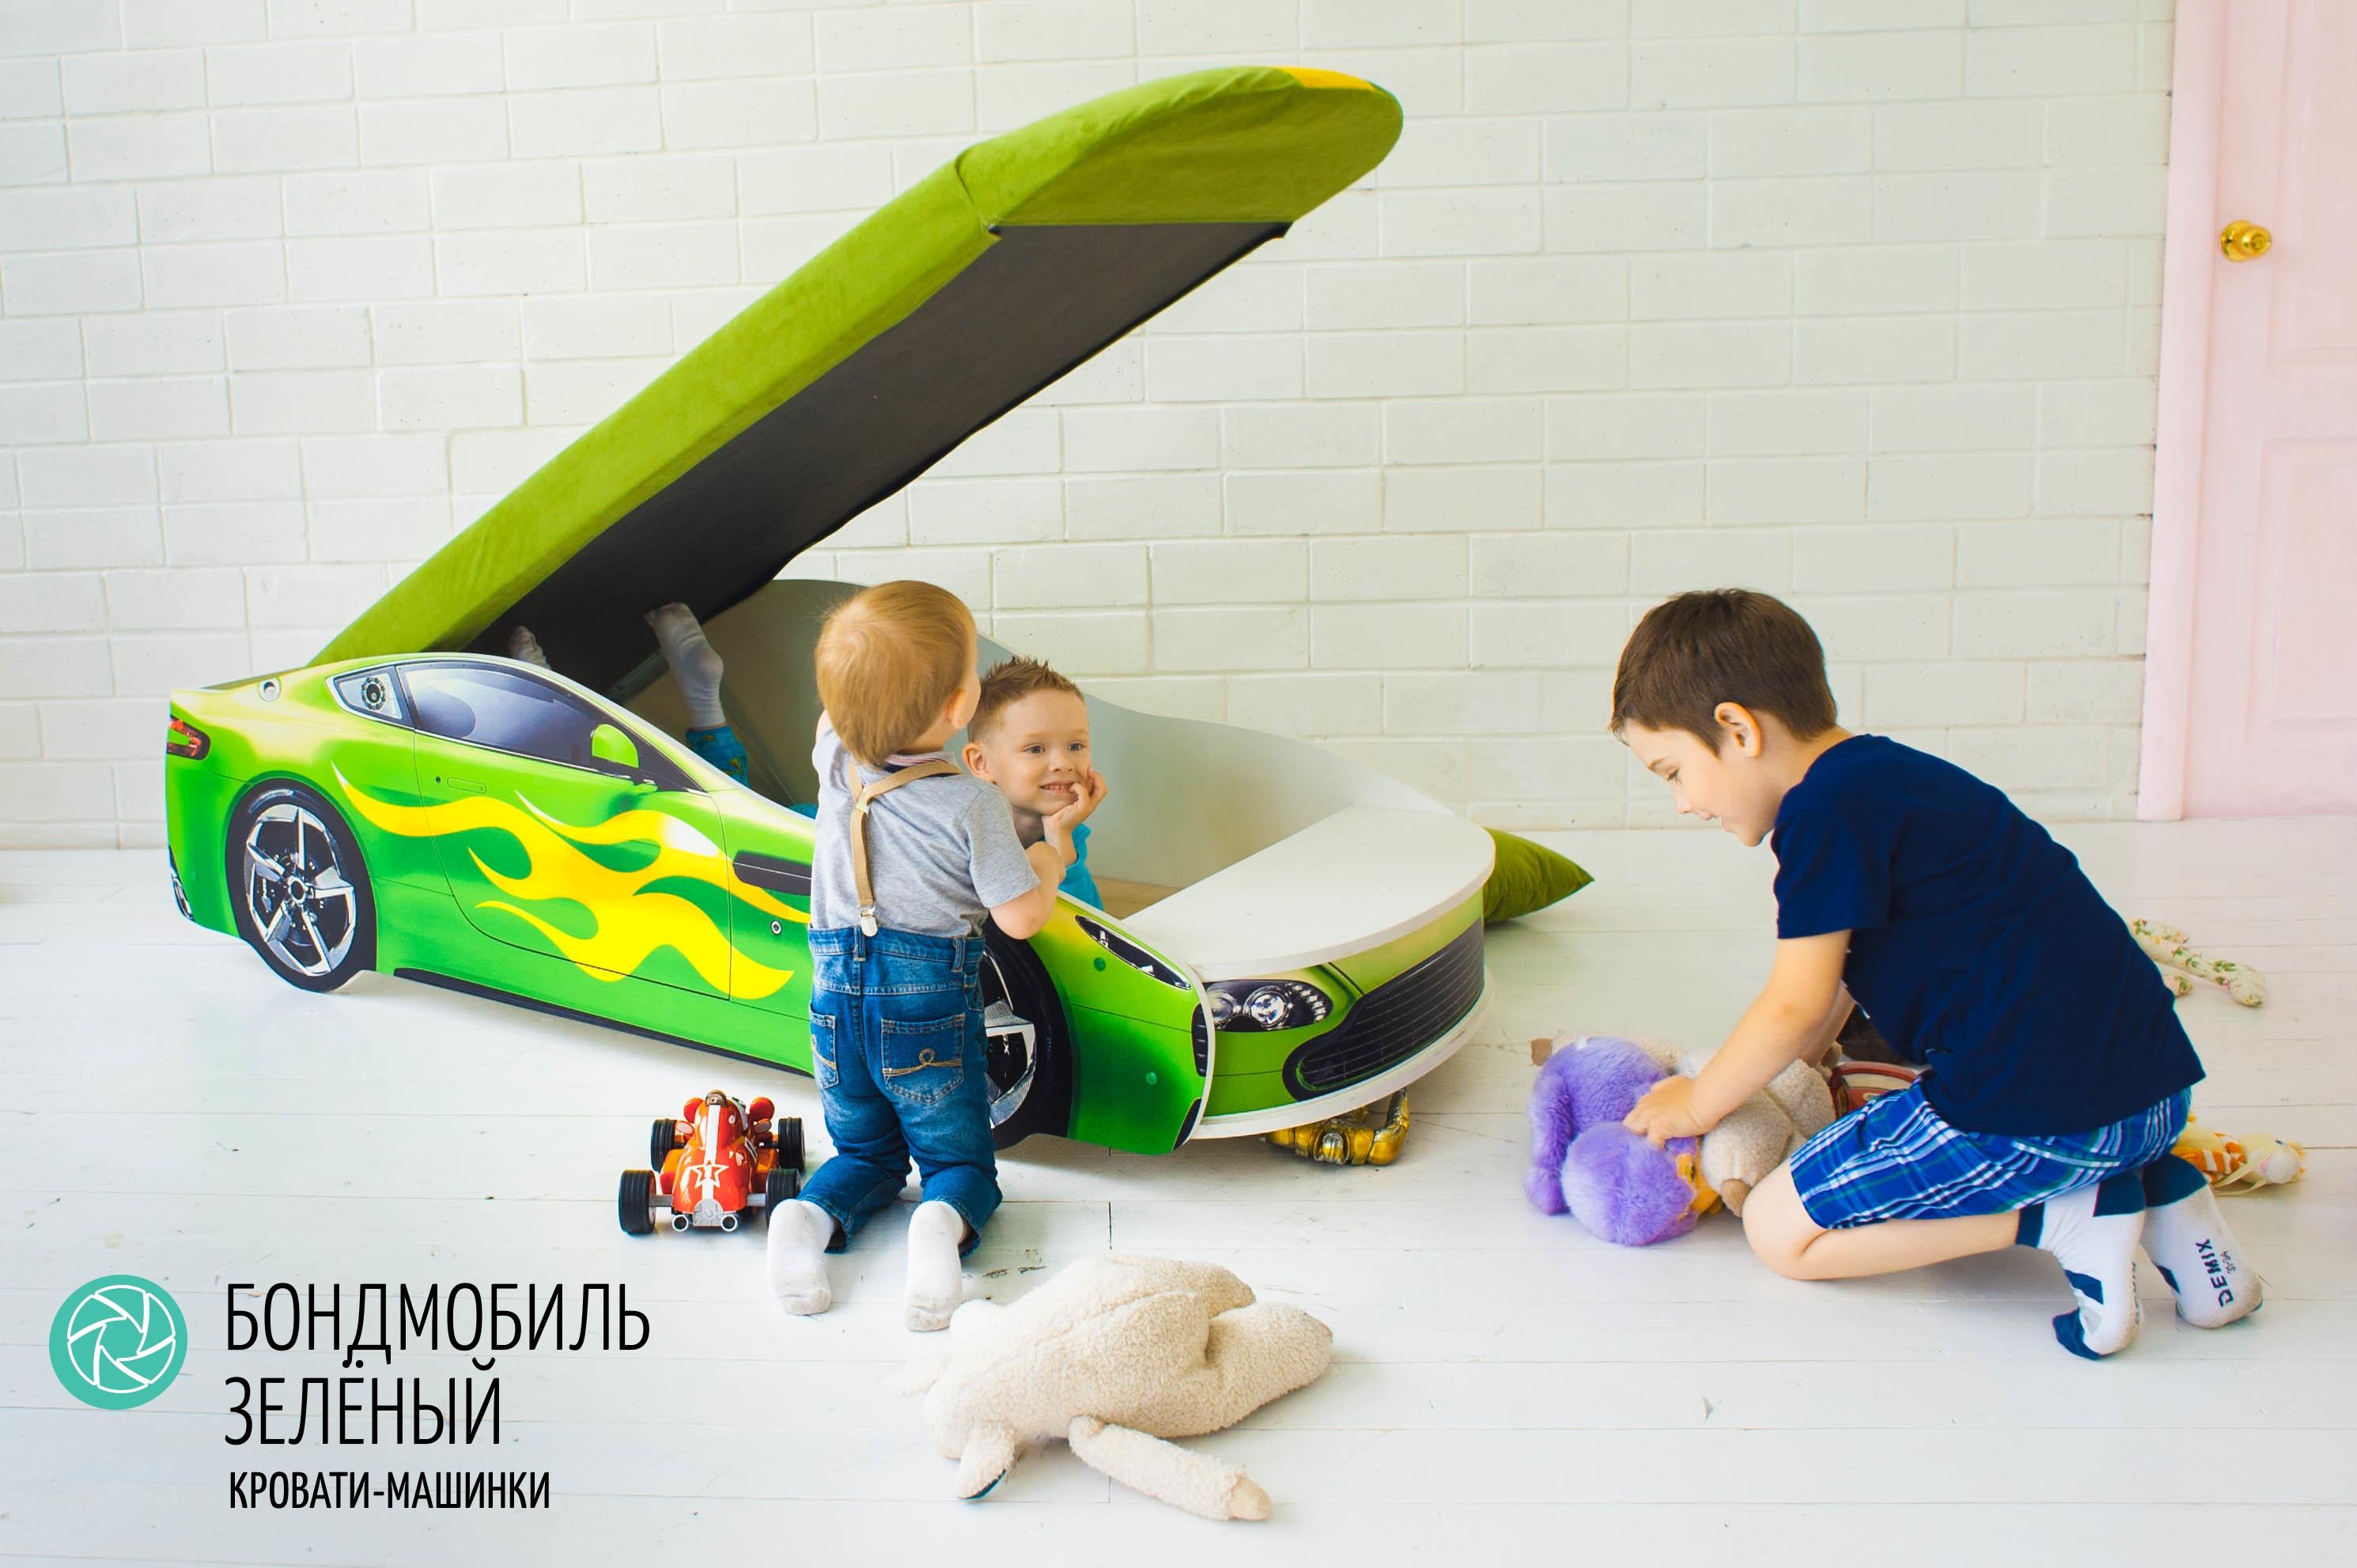 Детская кровать-машина зеленый -Бондмобиль-8